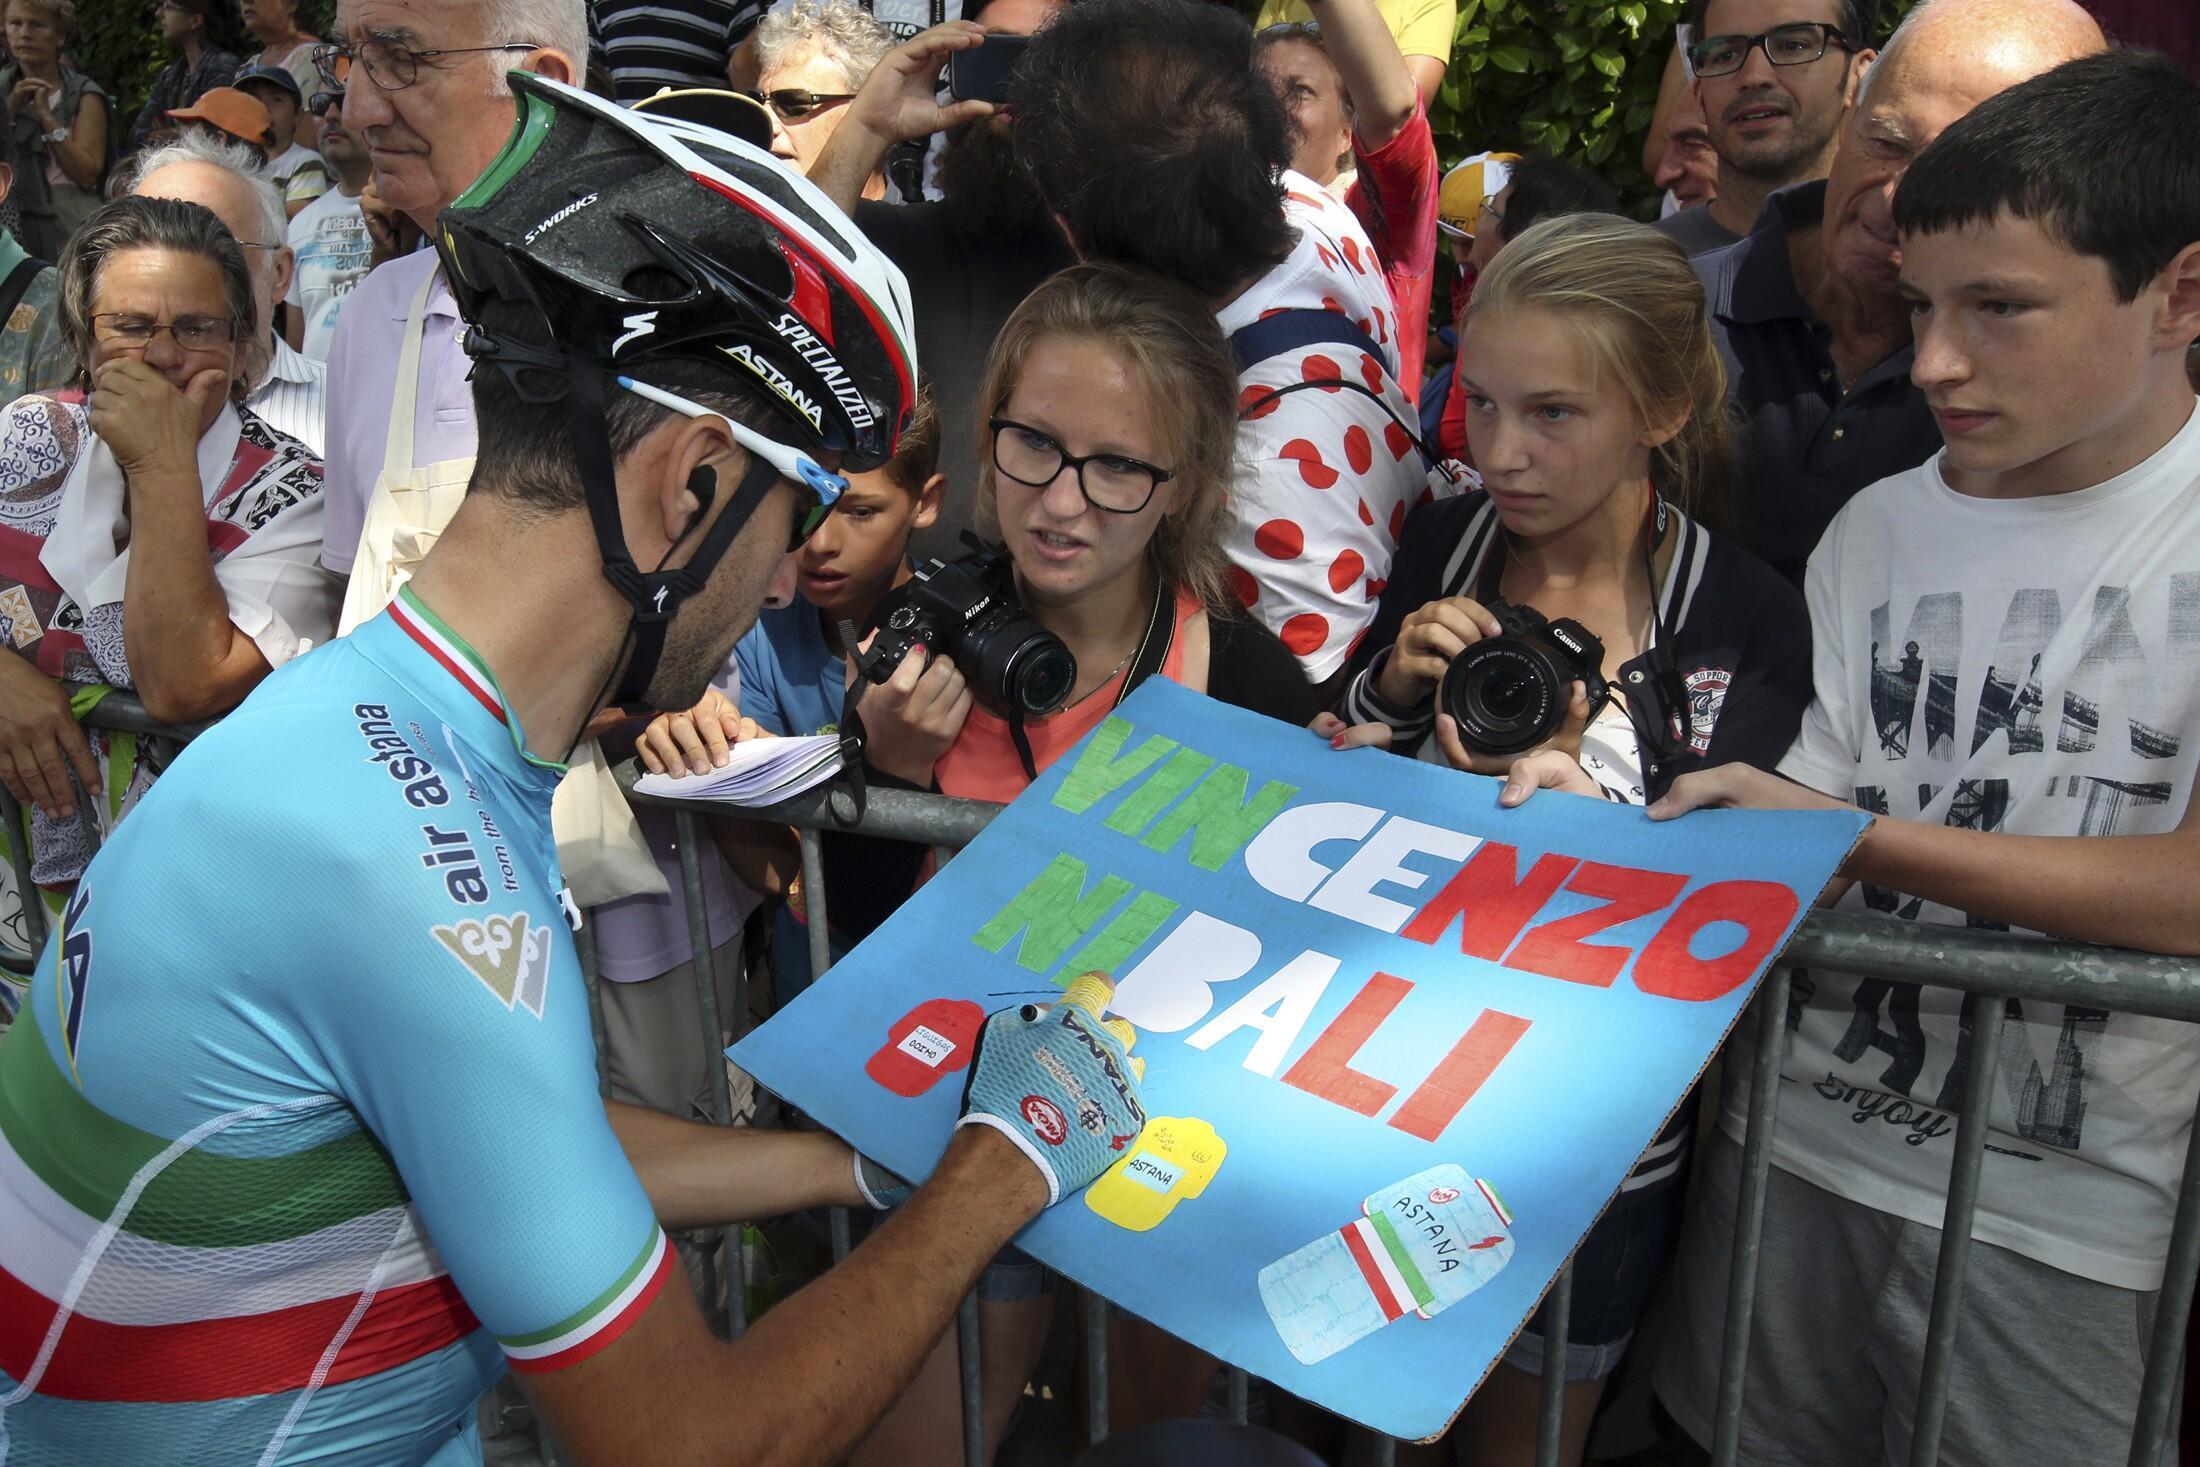 Le leader de l'équipe italienne Astana Vincenzo Nibali signe des autographes à de jeunes fans, le 15 juillet 2015.